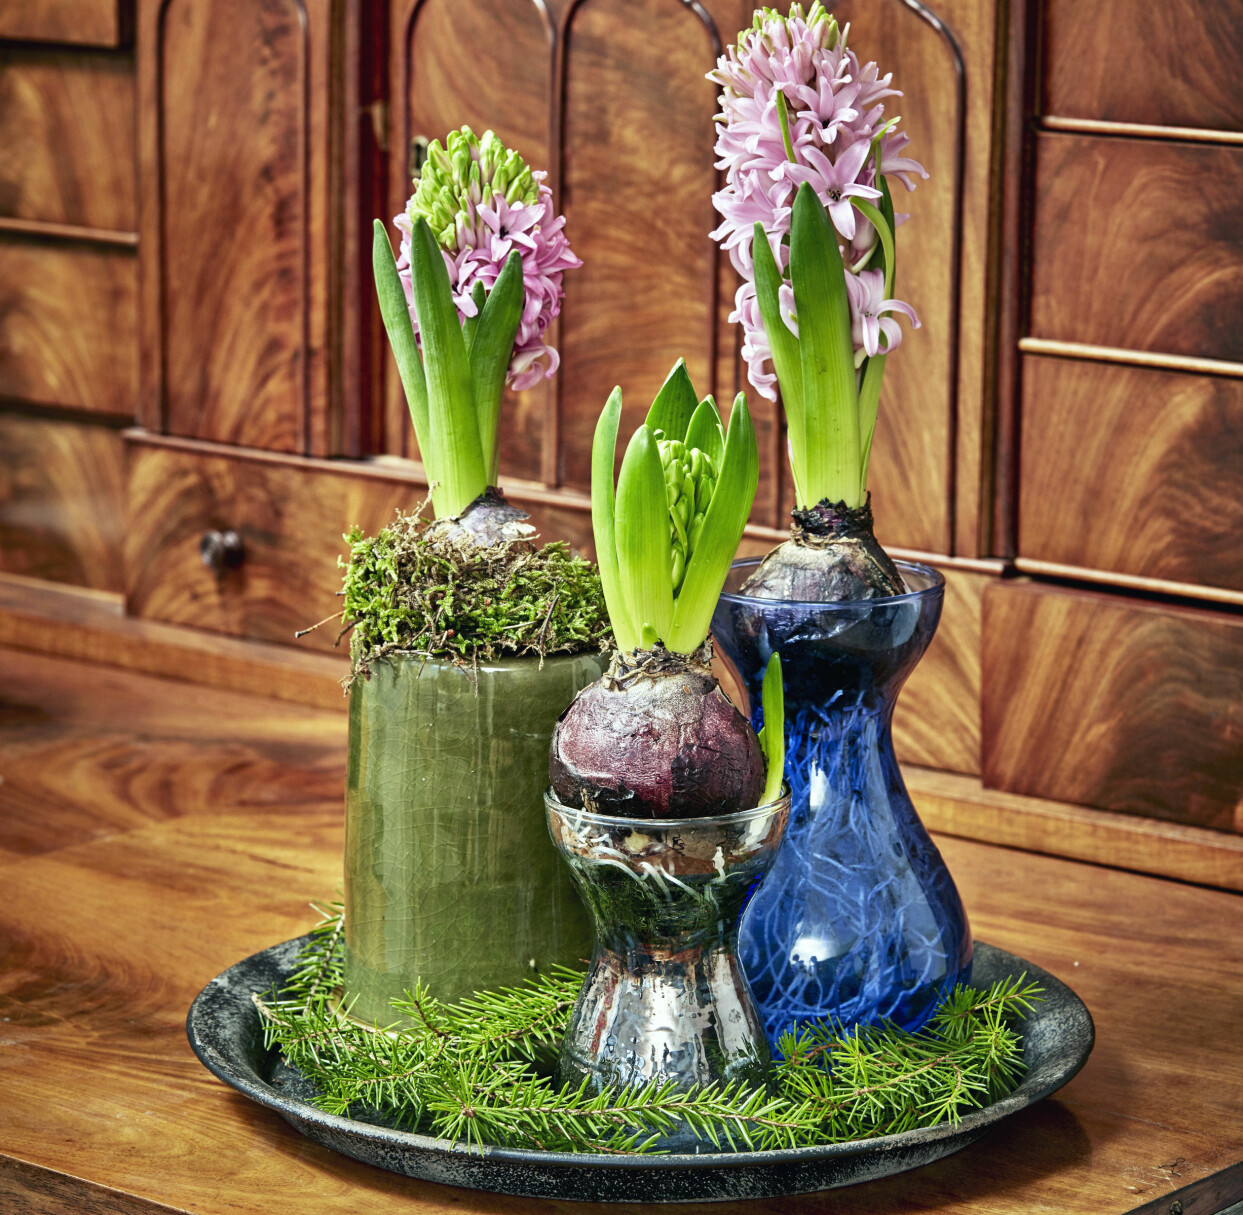 Hyacinter i hyacintglas och krukor på bricka.